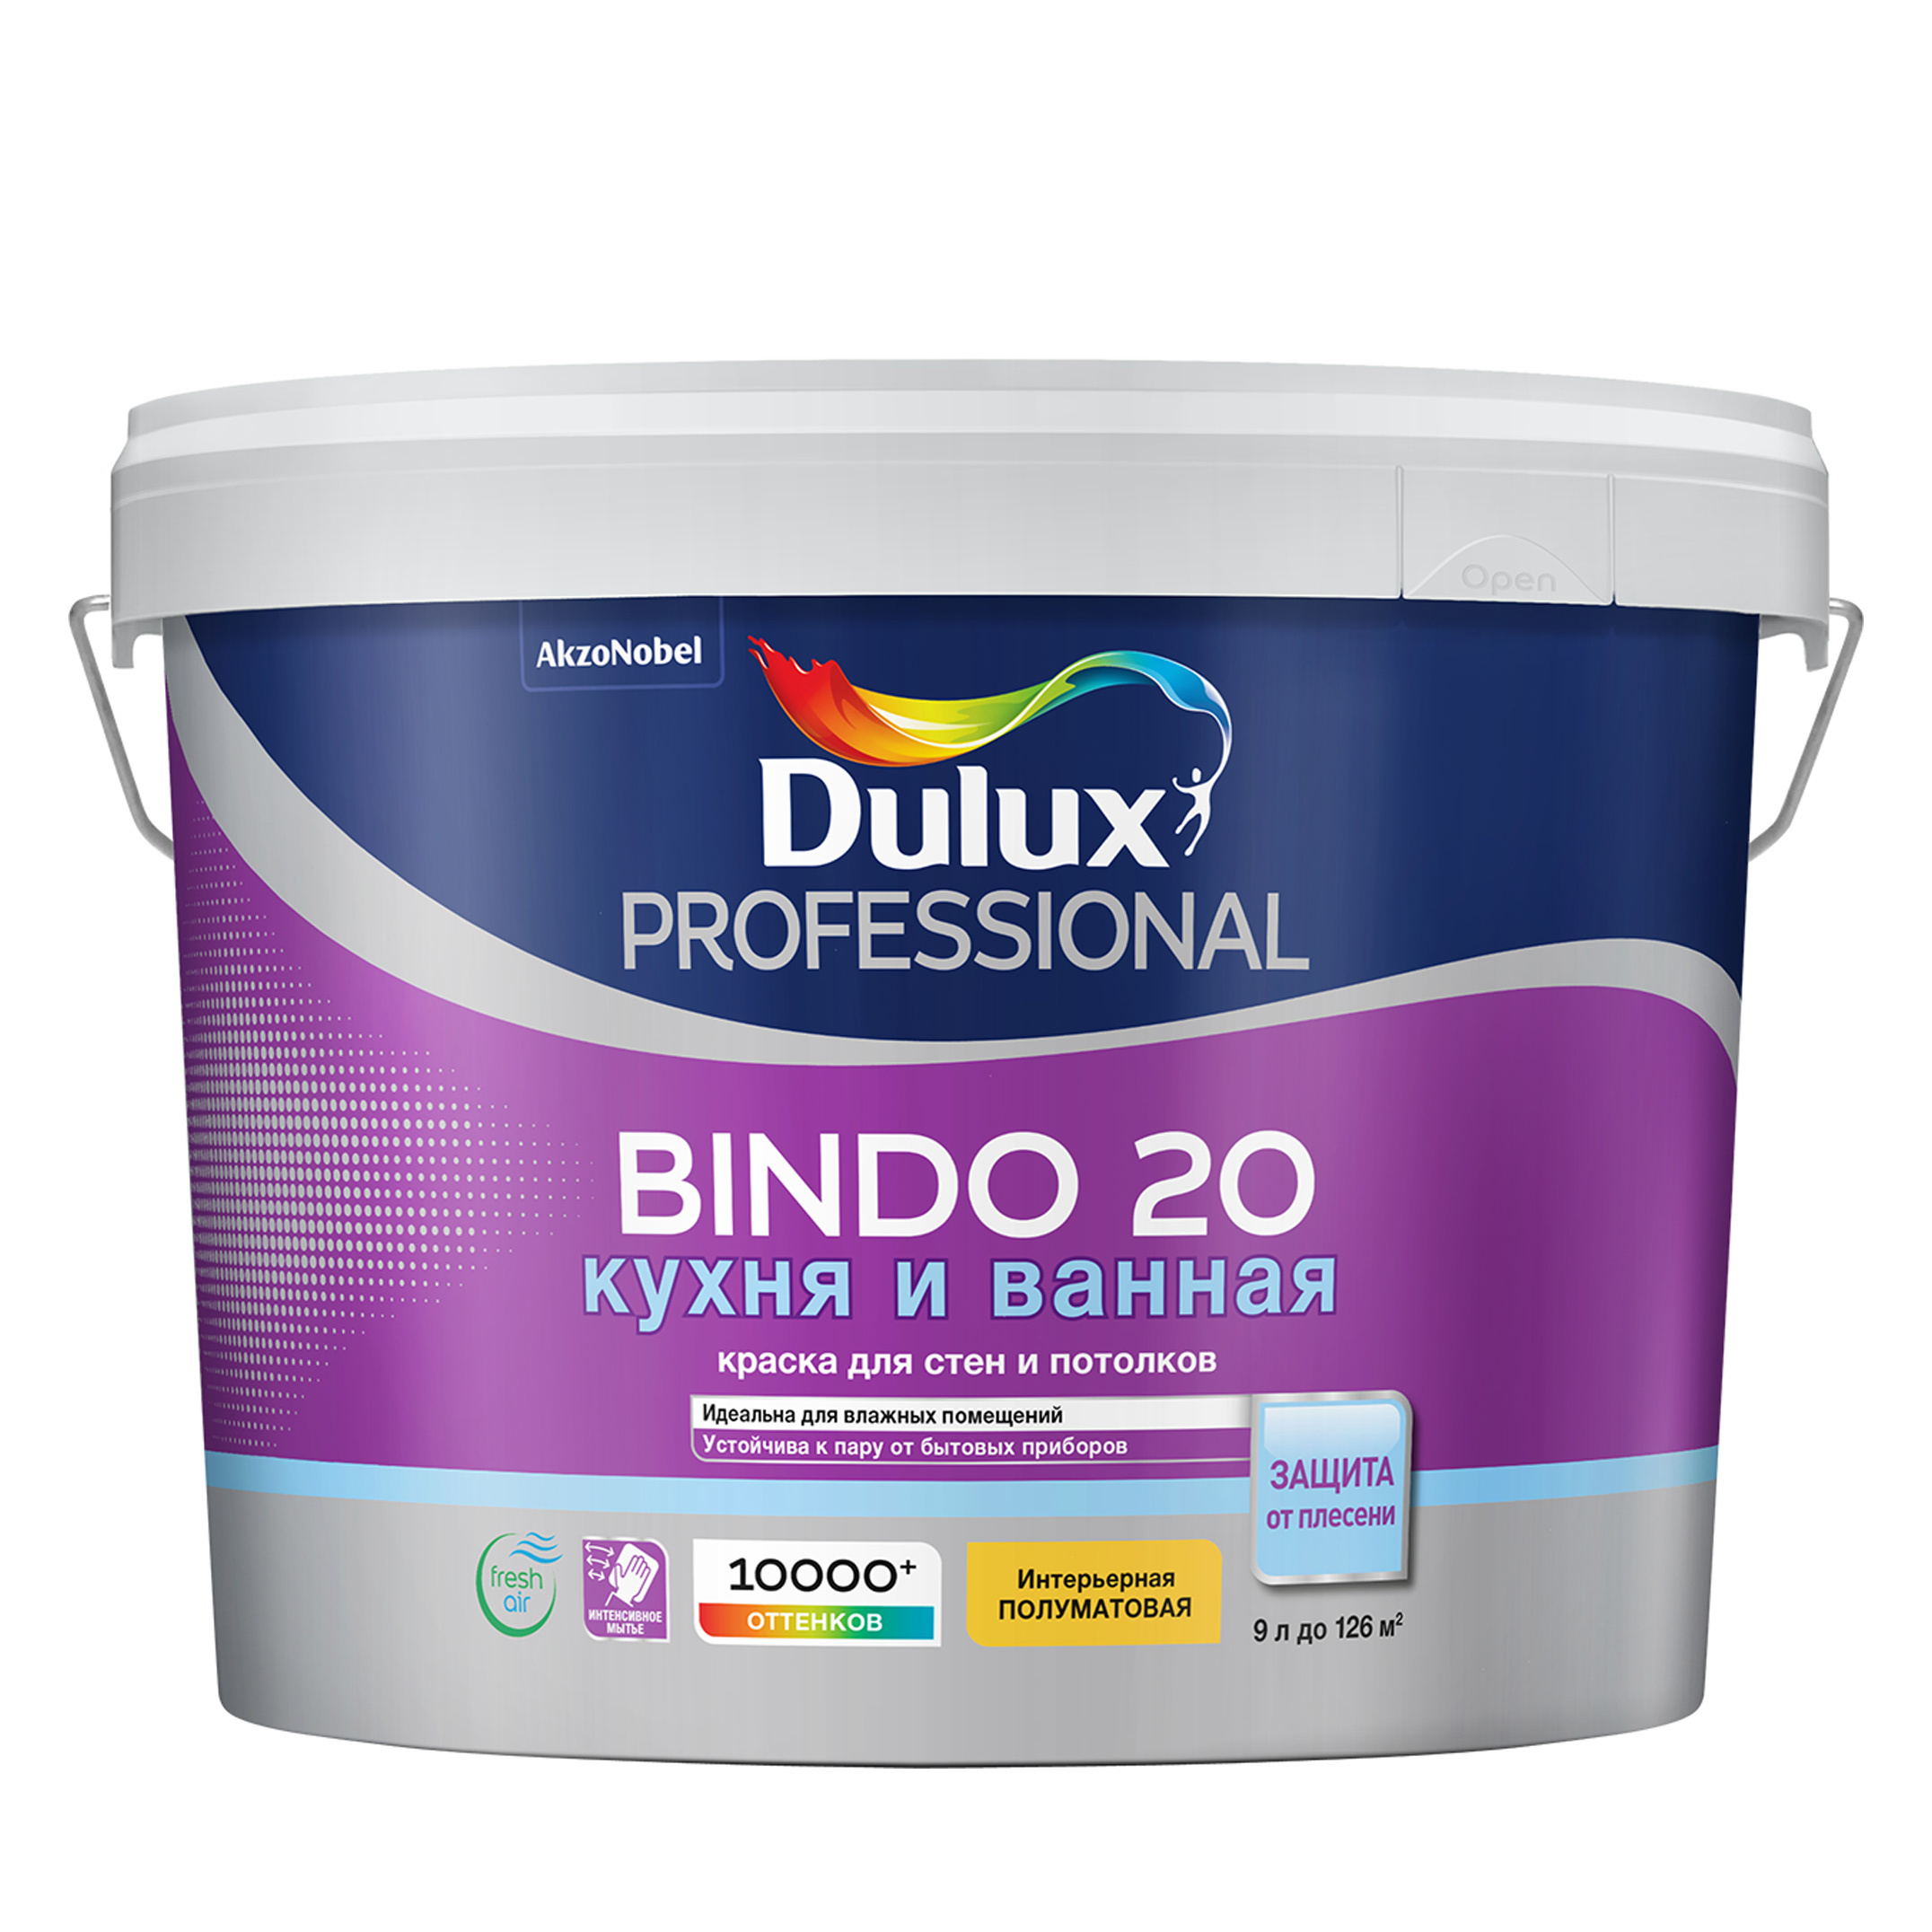 Краска для кухни и ванной латексная Dulux Professional Bindo 20 полуматовая база BC 9 л. фото